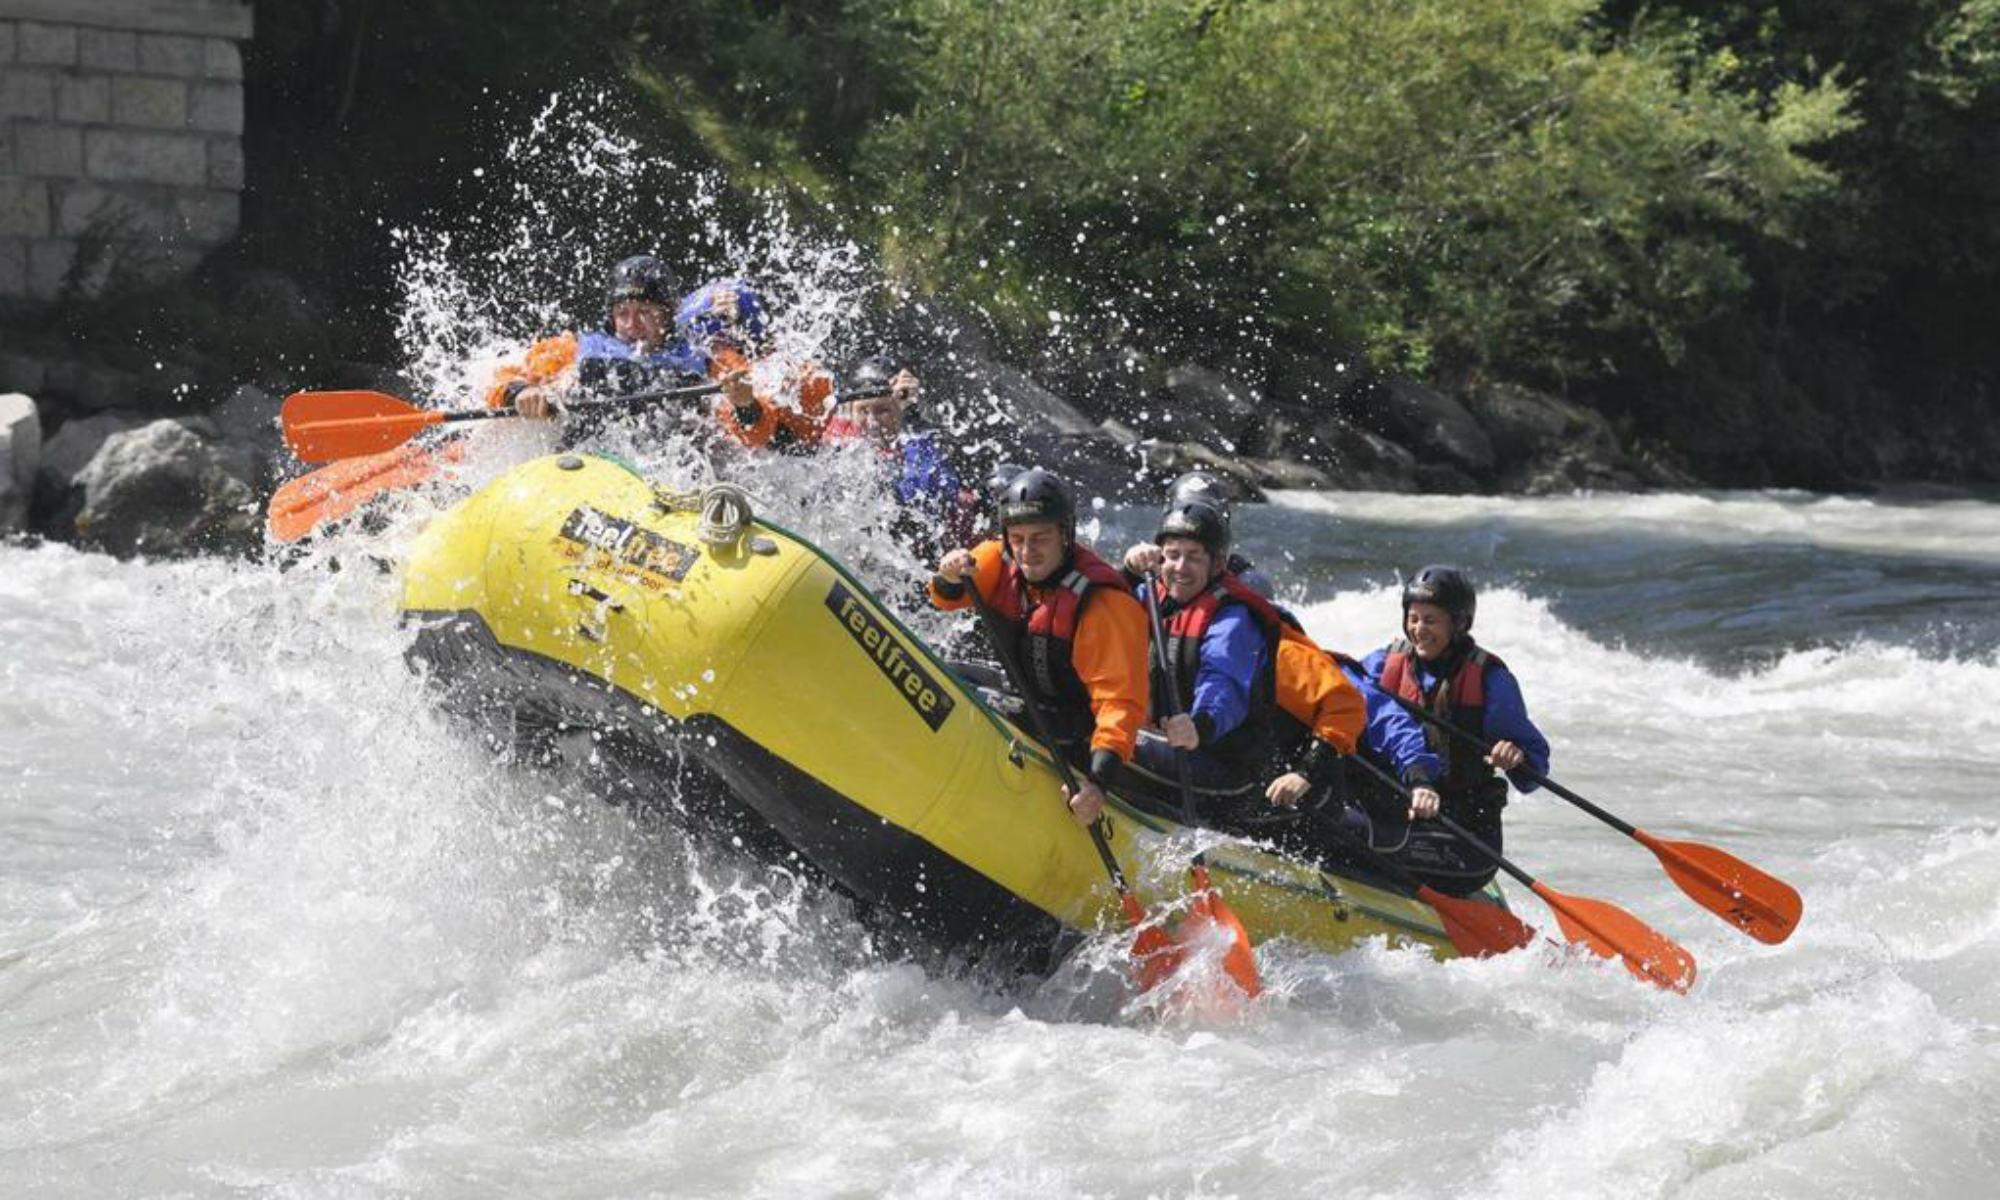 Eine Gruppe von Personen beim Rafting in einem Schlauchboot auf der Ötztaler Ache.